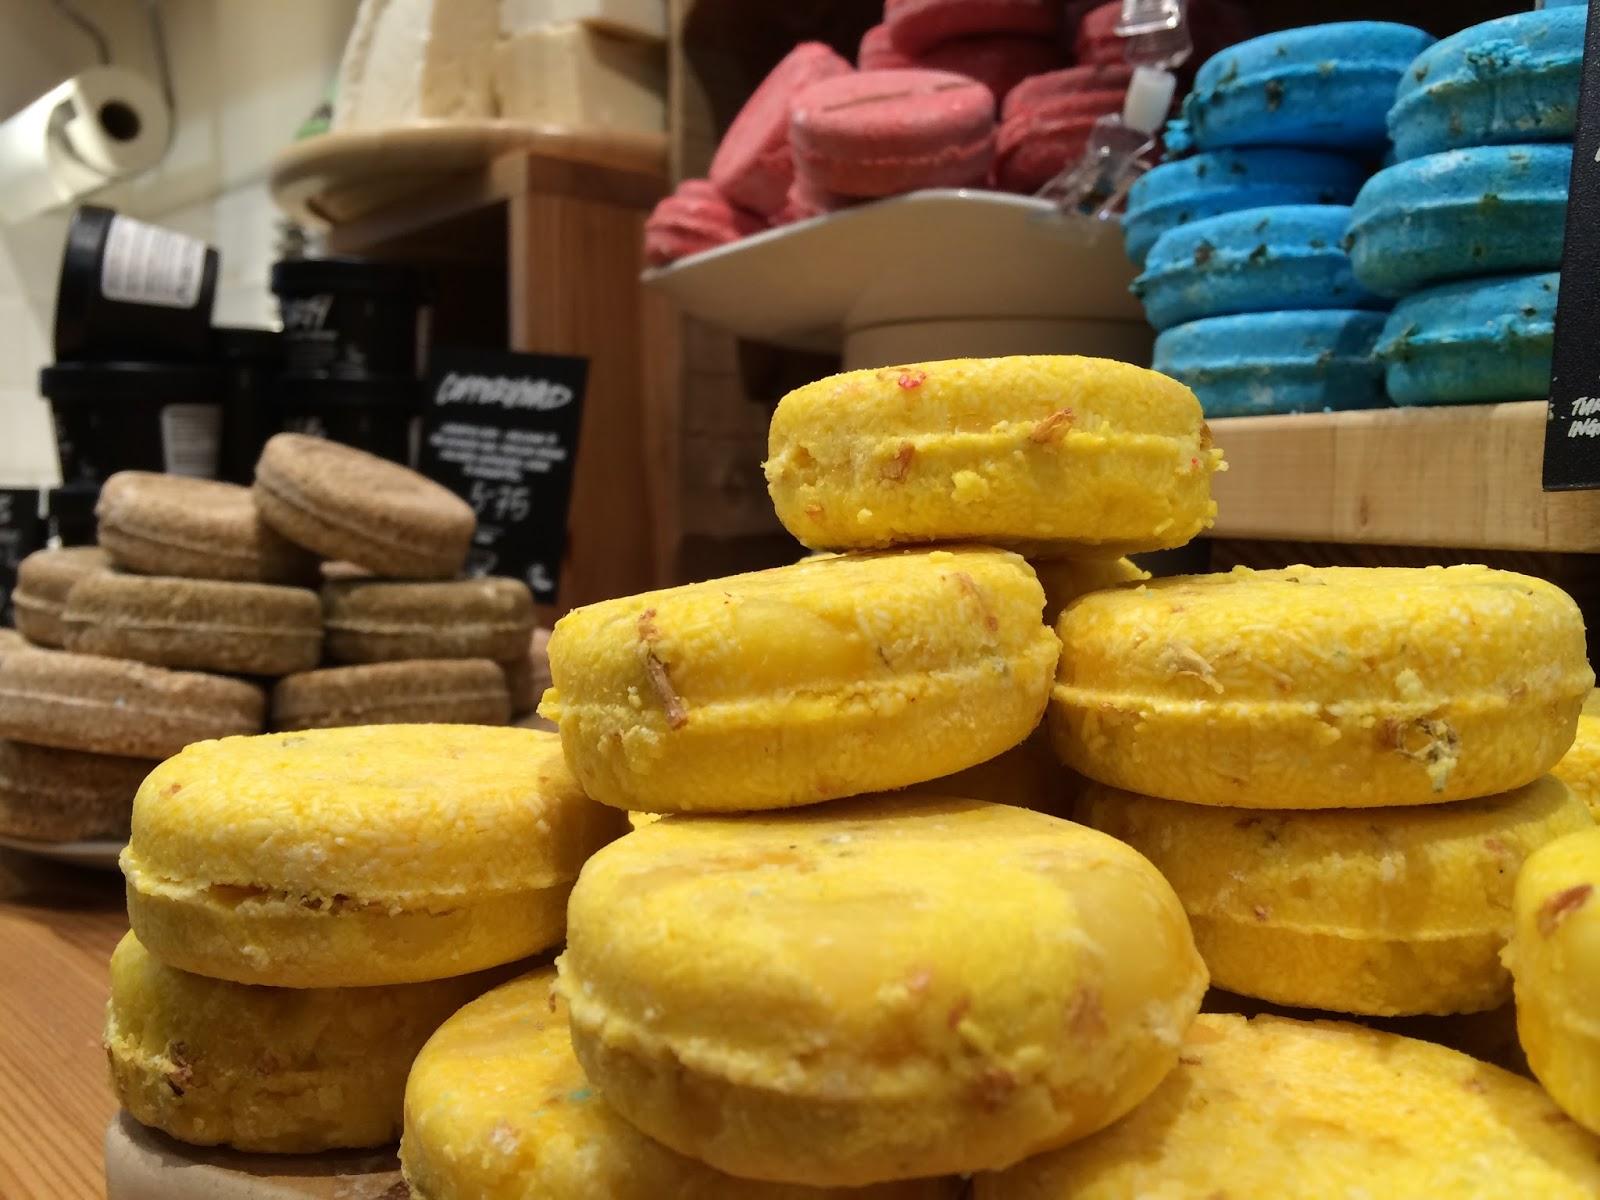 Lush Leicester bath natural organic fair trade